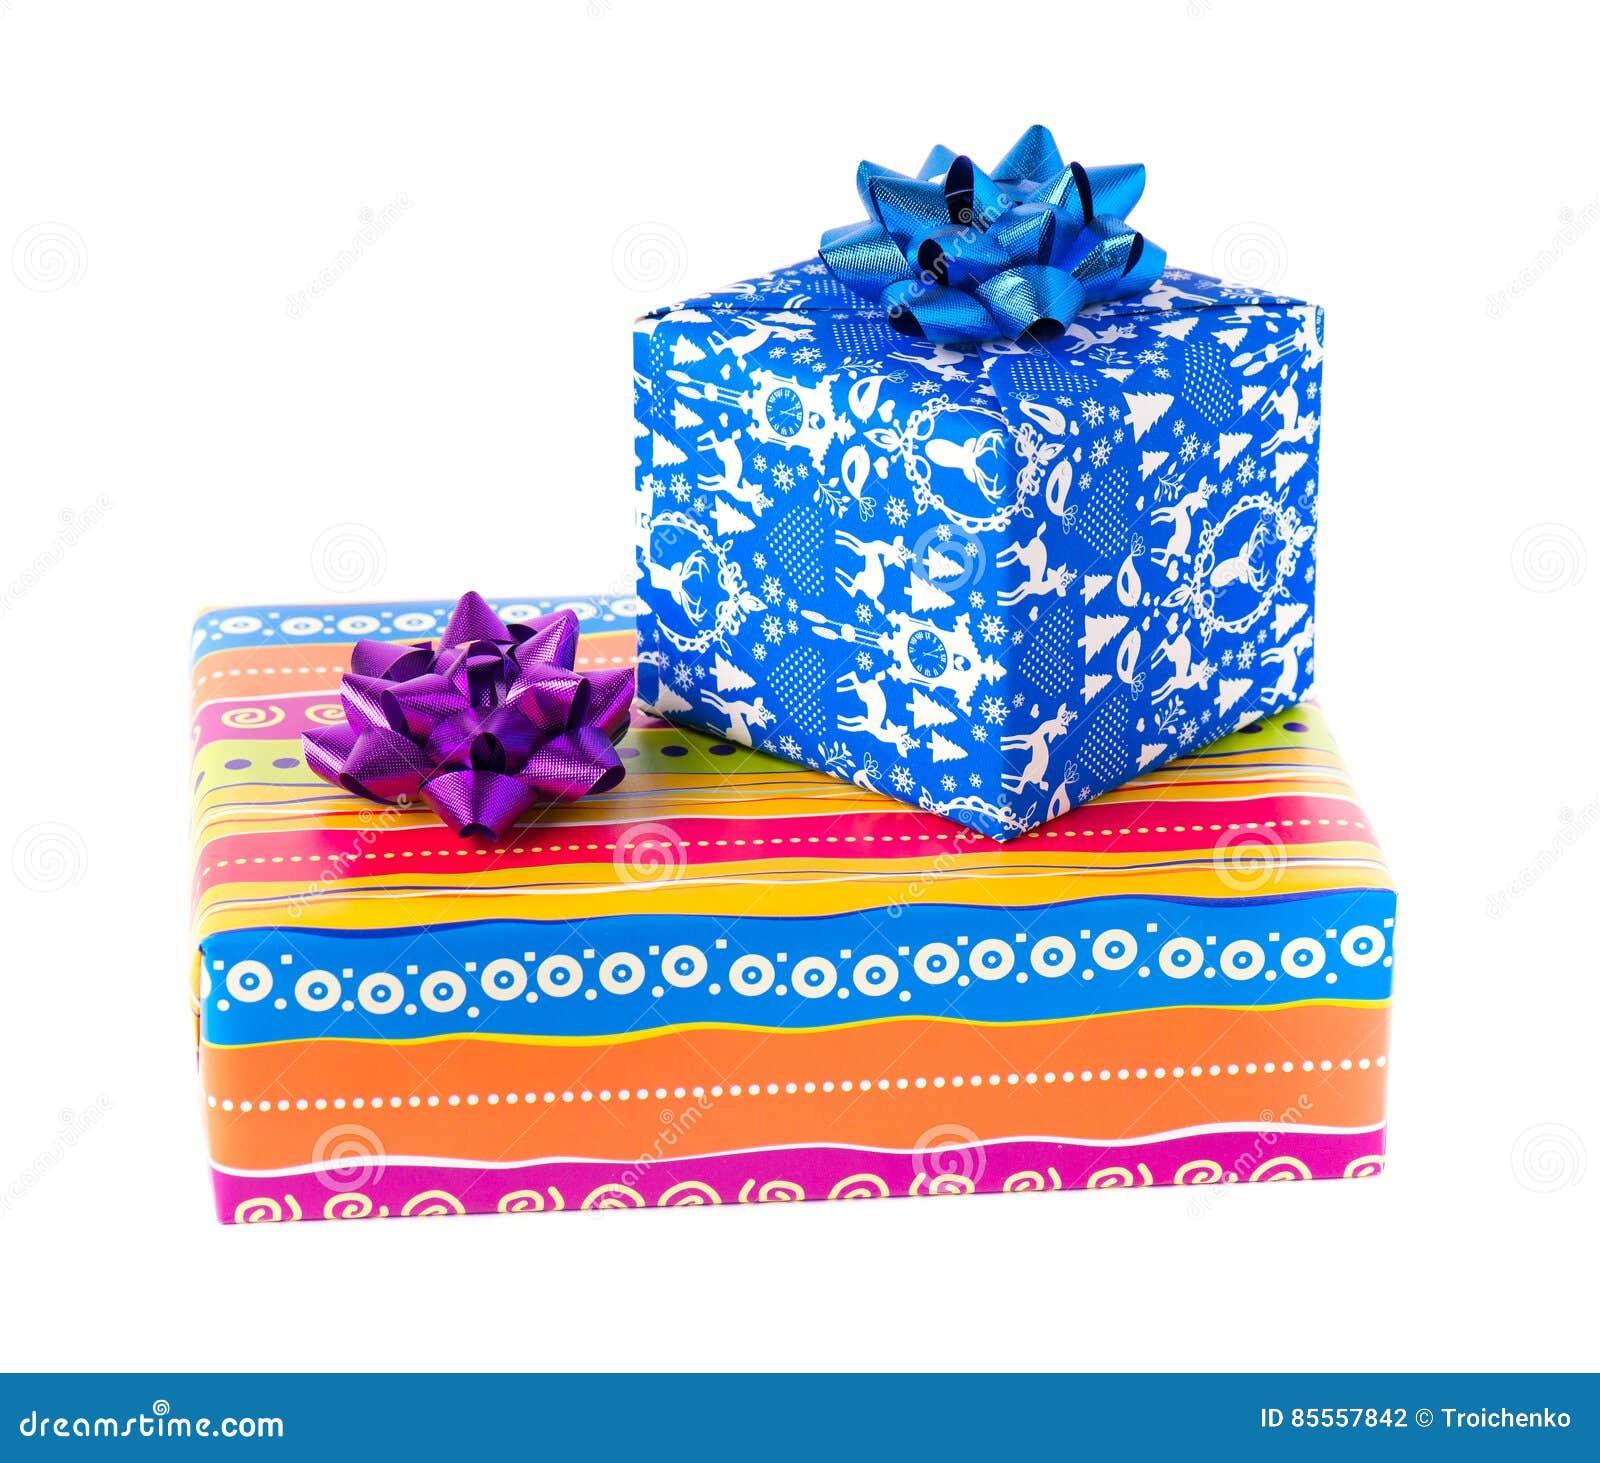 Weihnachtsgeschenkboxen verschiedene Farben, lokalisiert auf weißem Hintergrund